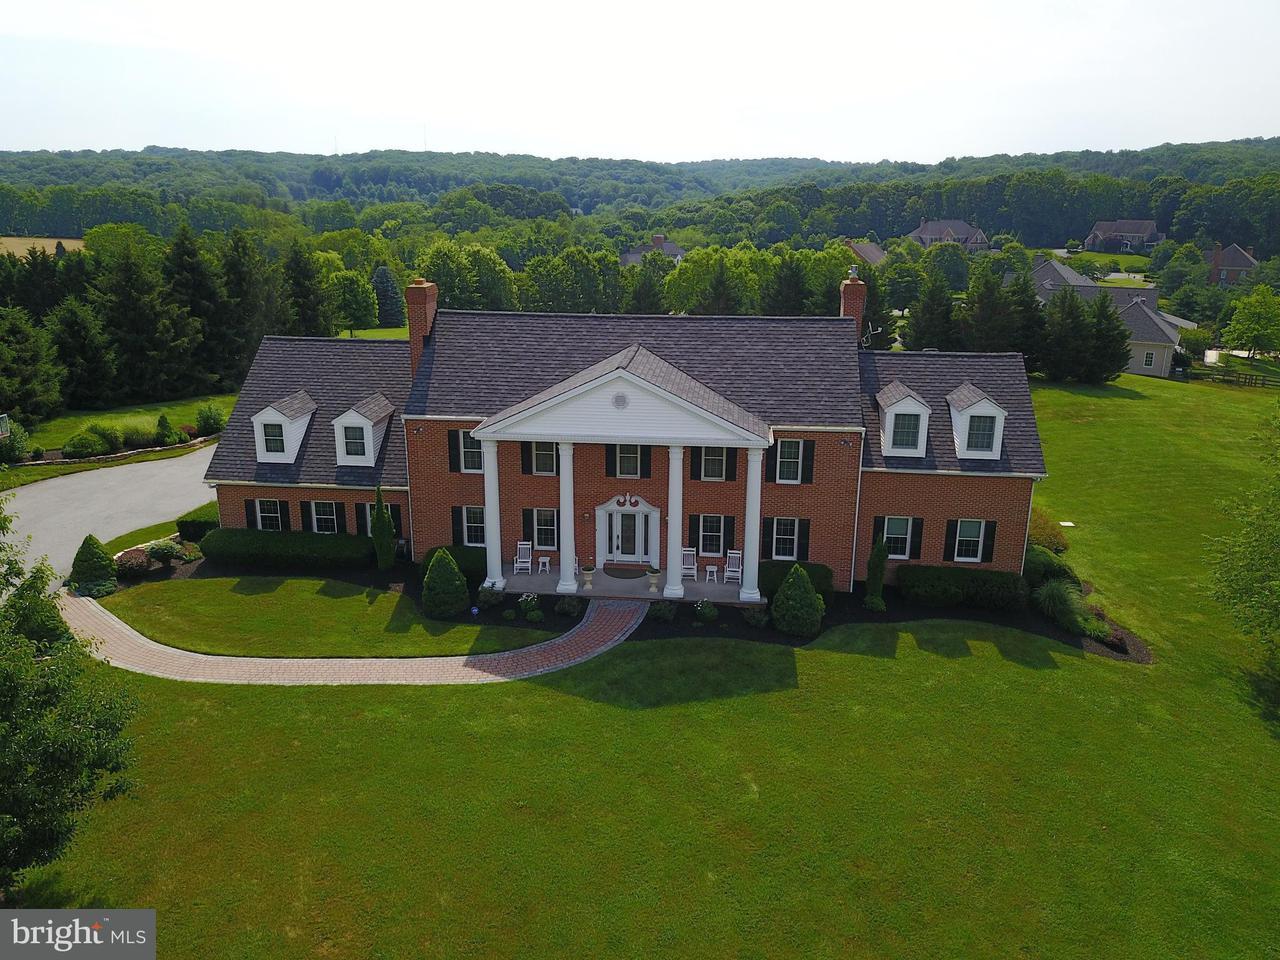 Частный односемейный дом для того Продажа на 14335 COOPER Road 14335 COOPER Road Phoenix, Мэриленд 21131 Соединенные Штаты